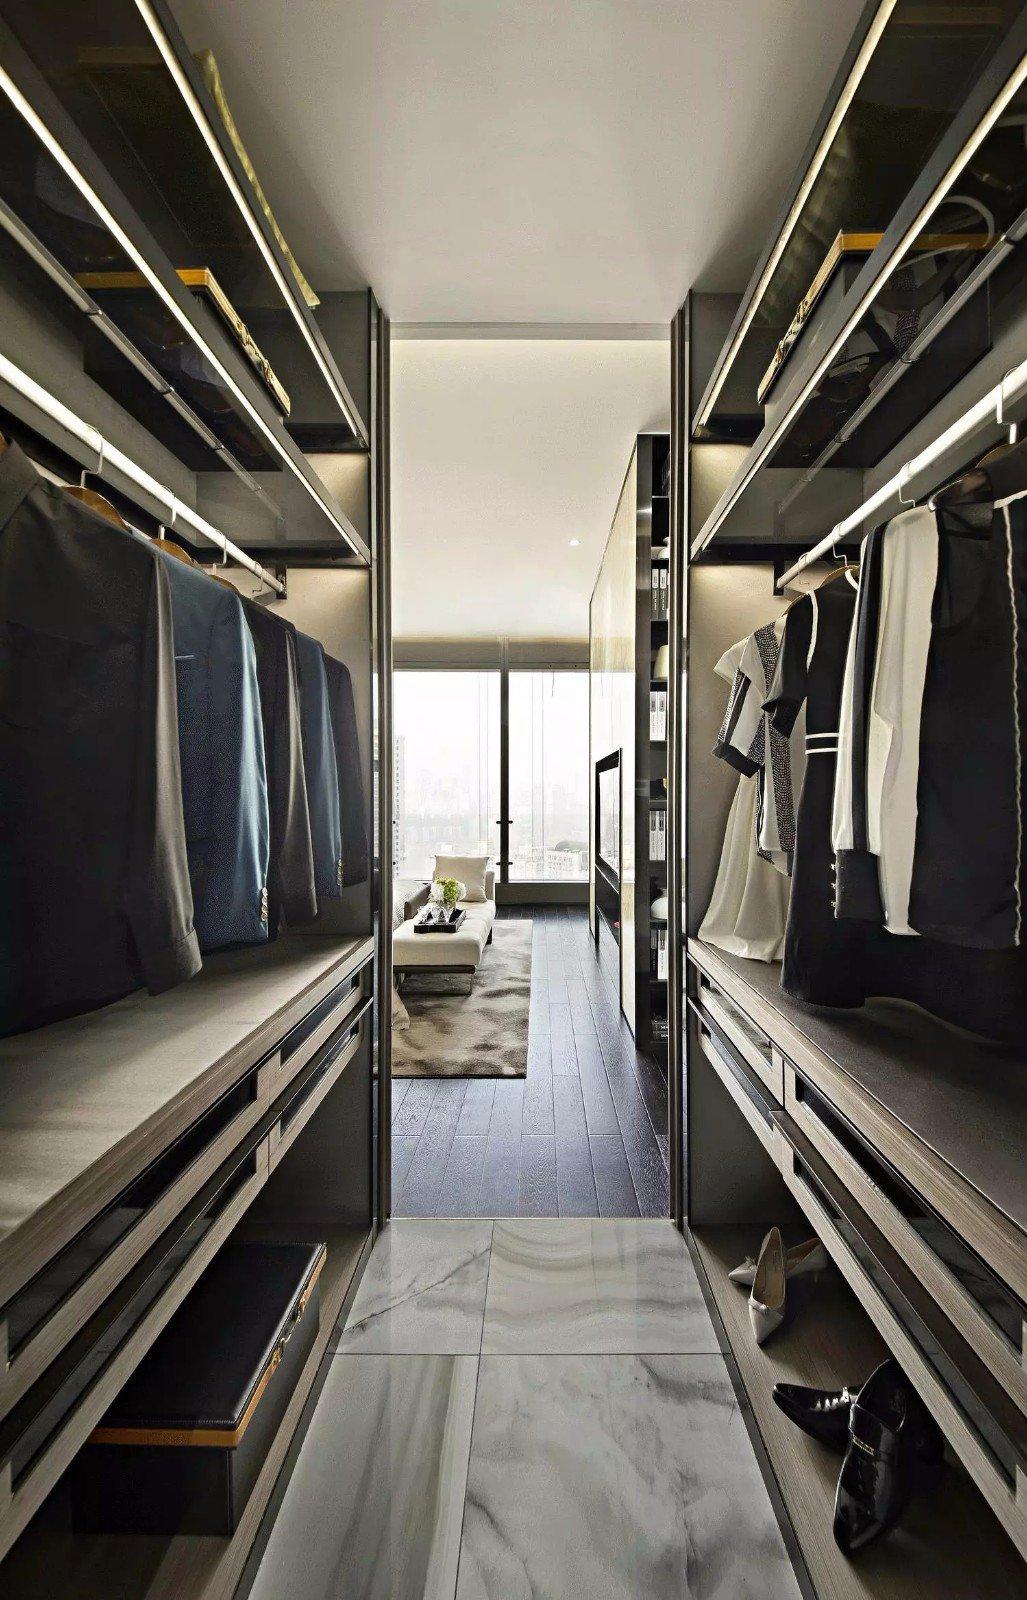 现代公寓样板房衣帽间装修效果图